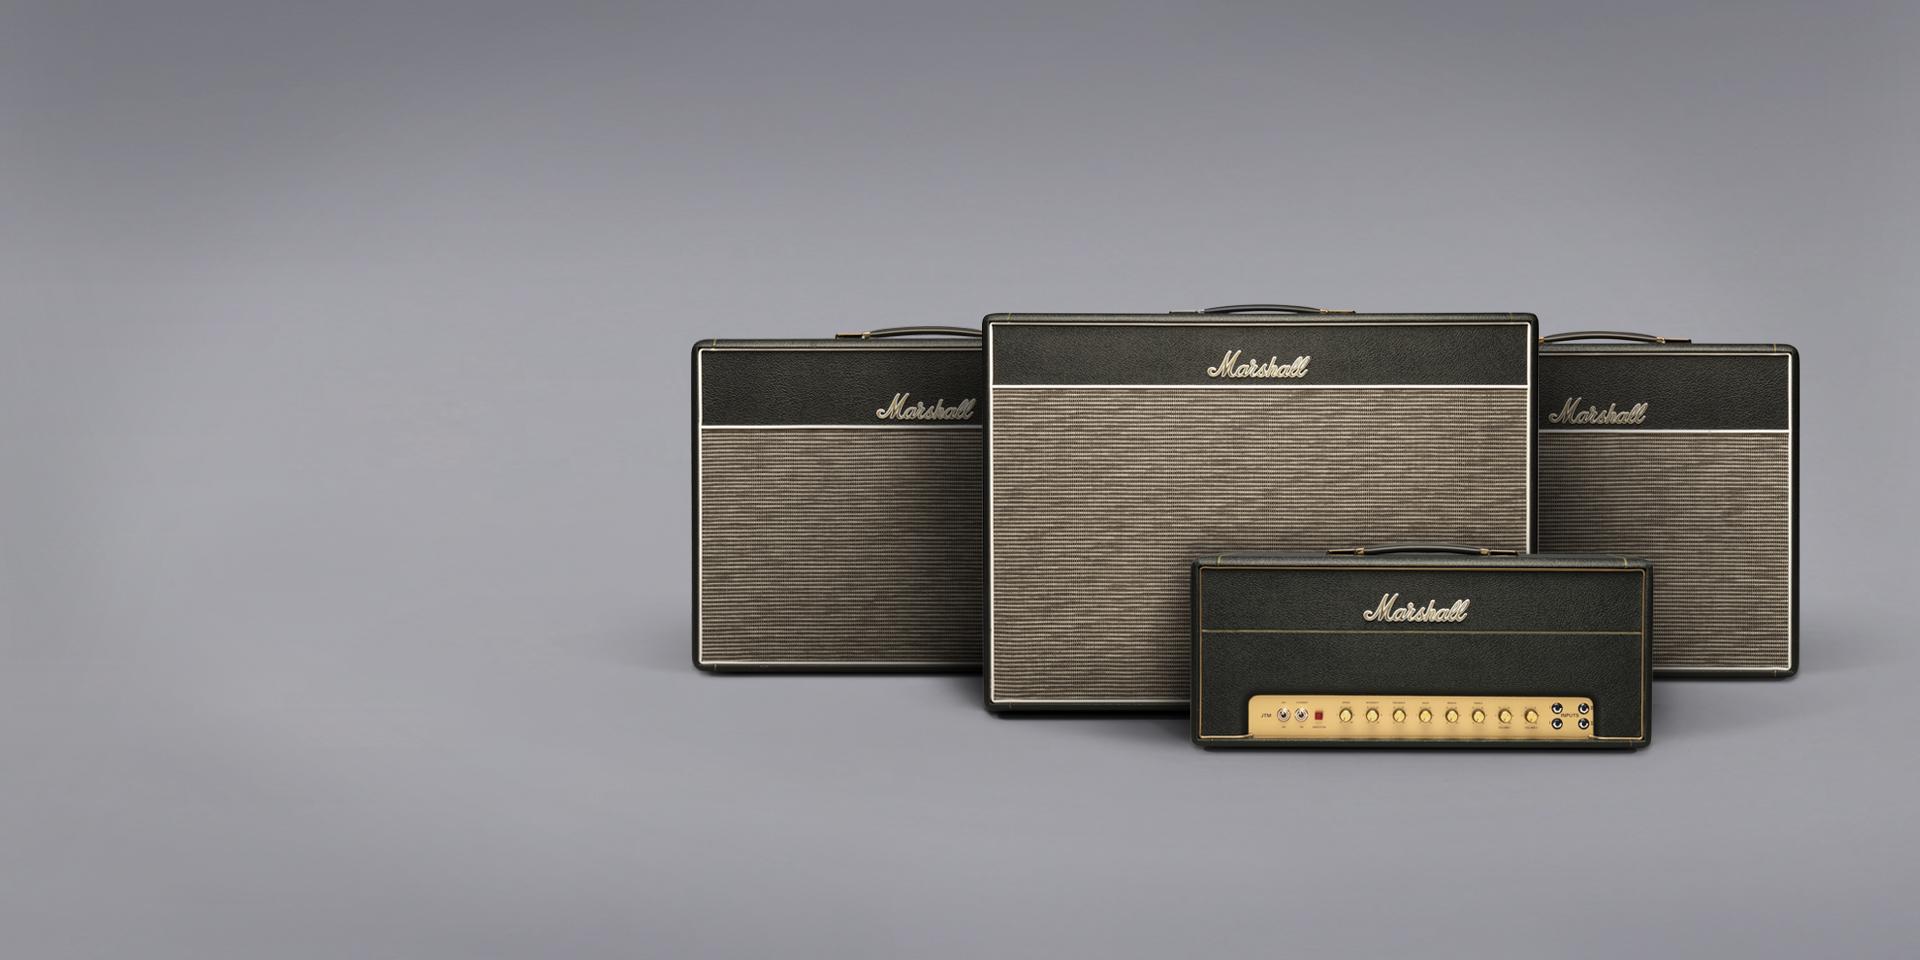 マーシャルのギターアンプ、HANDWIRED(ハンドワイヤード)シリーズ